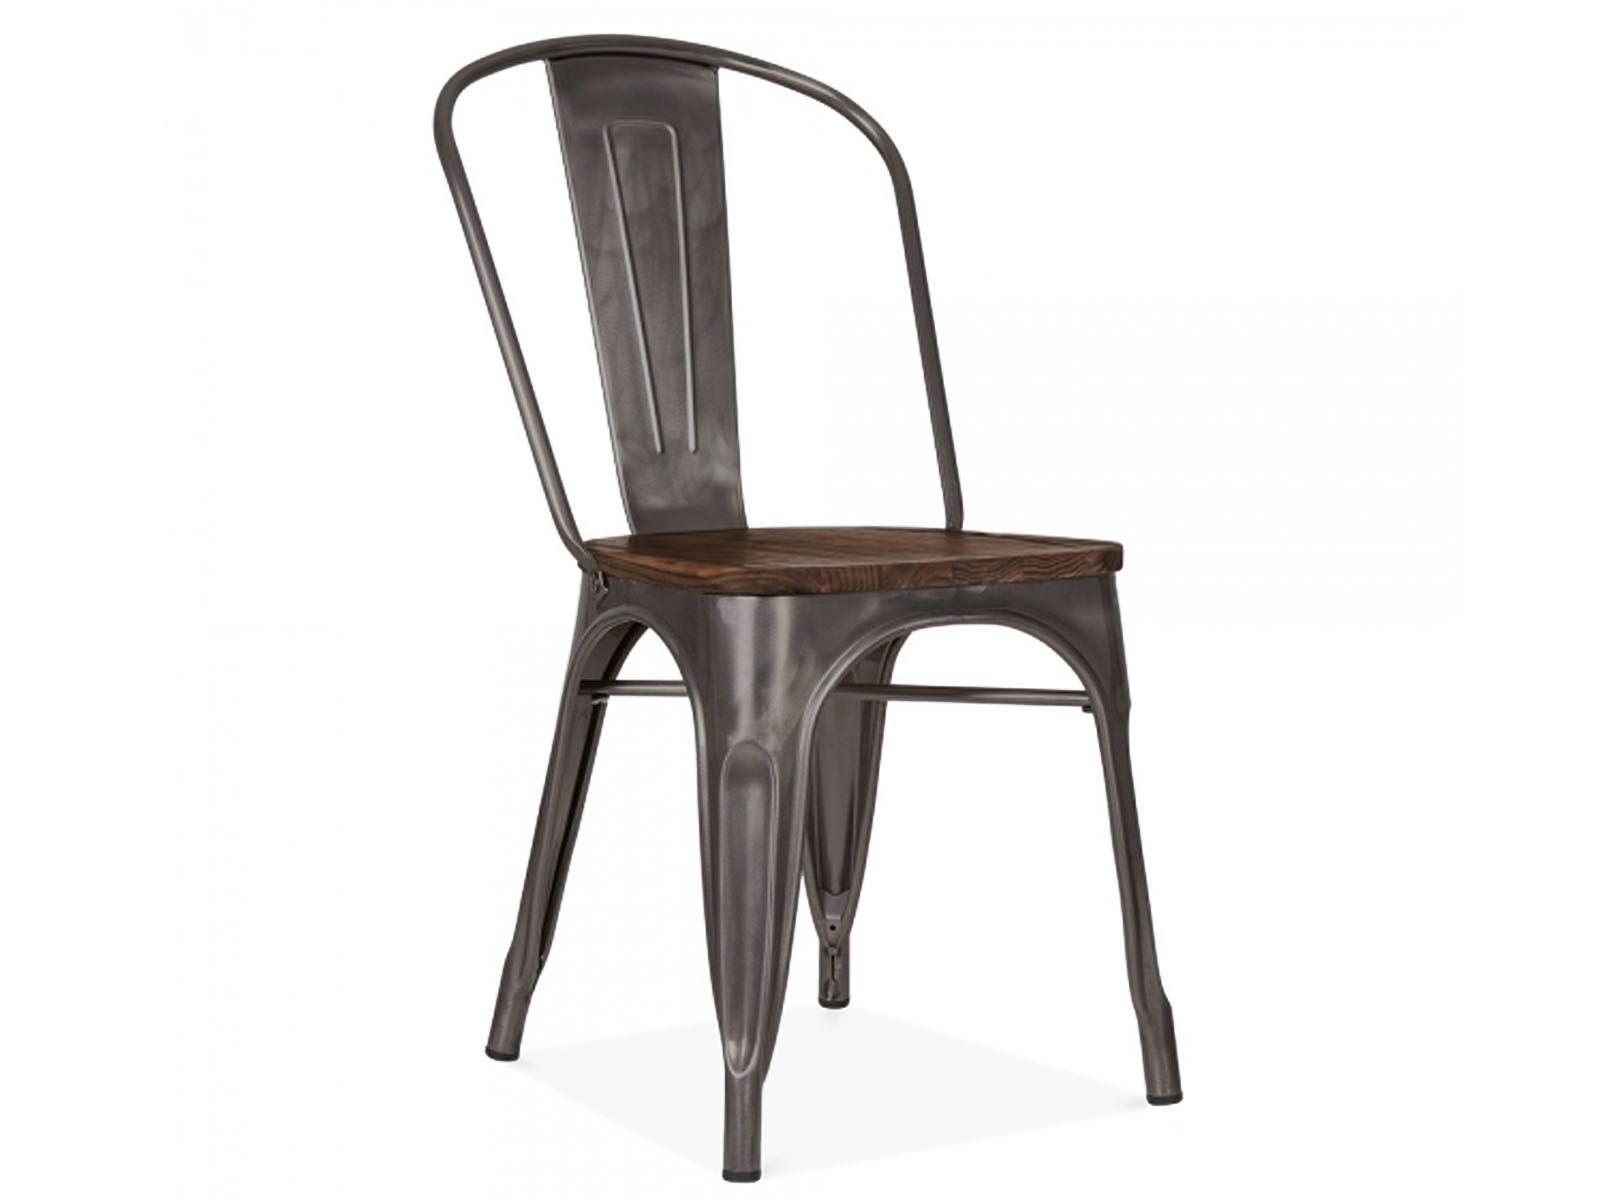 Chaise Bois Et Metal Industriel chaise industrielle métal et bois hipster